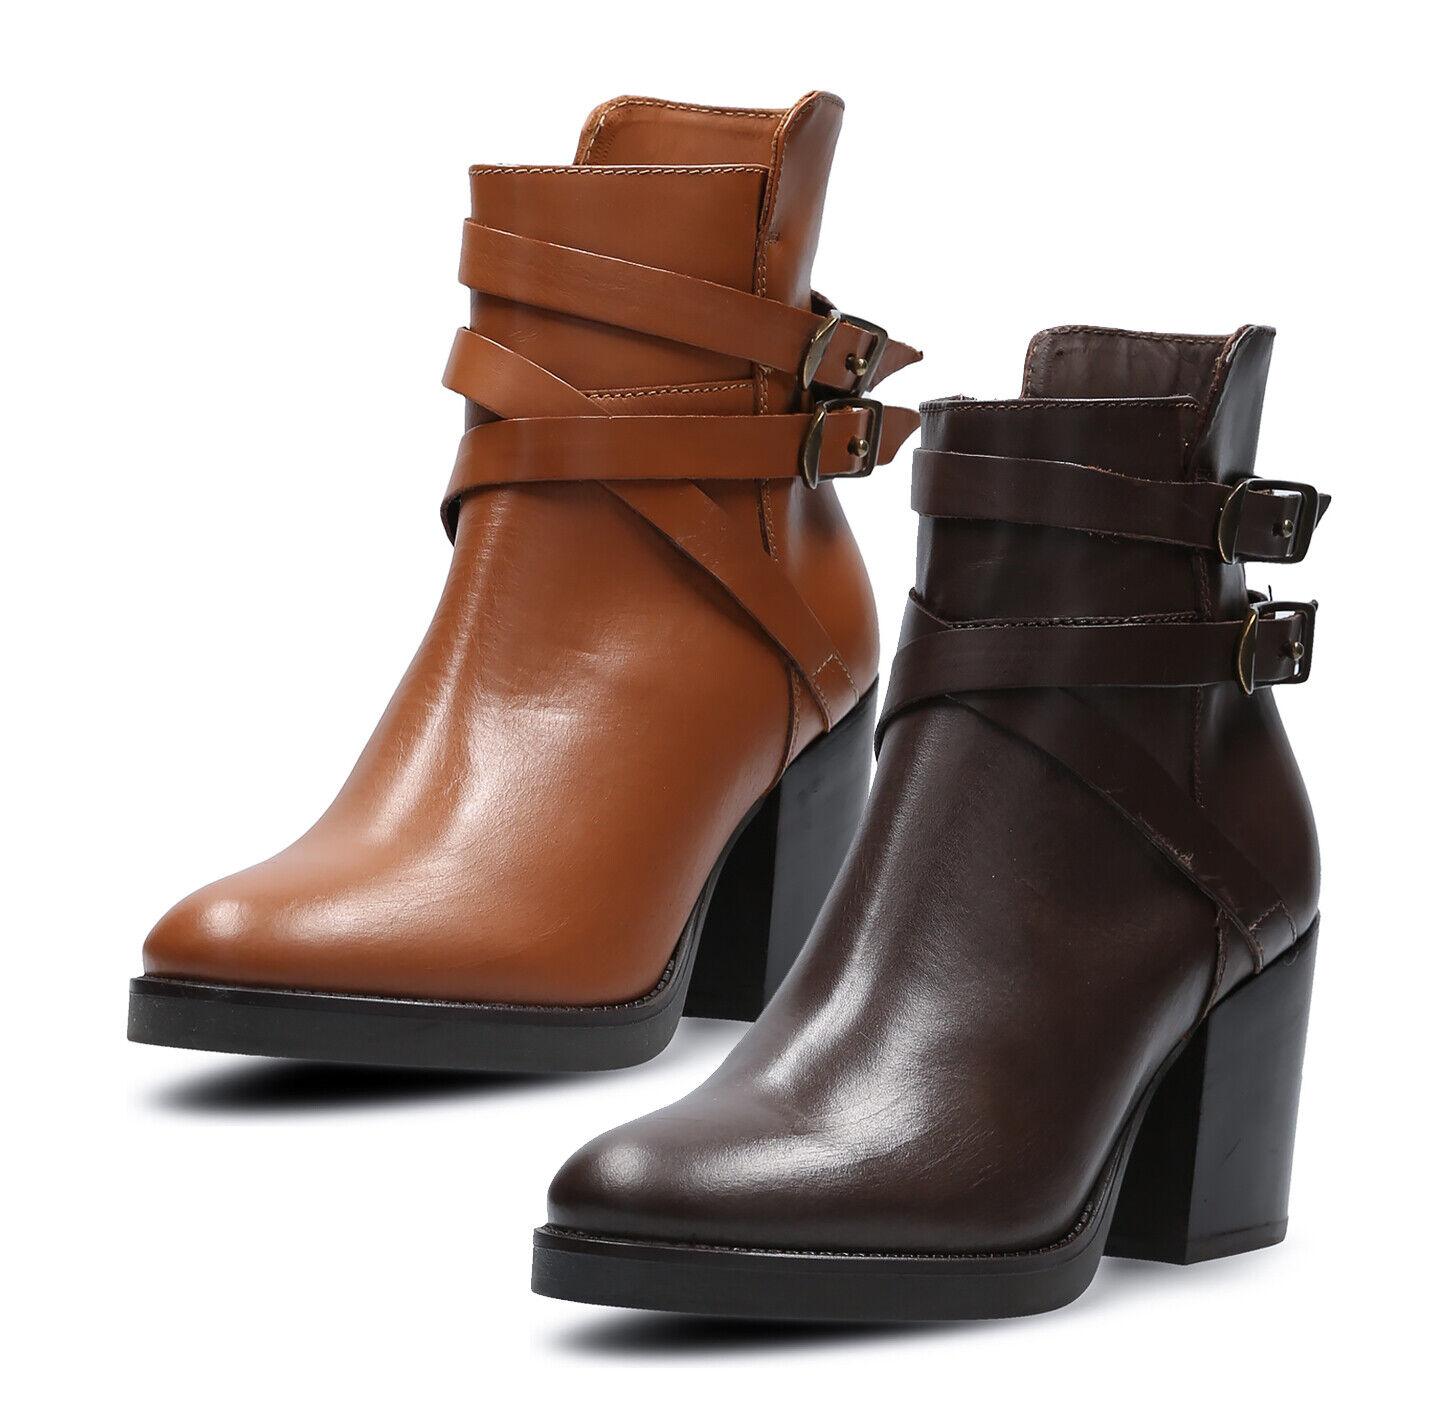 Manas chaussures femmes Bottine Taille 37